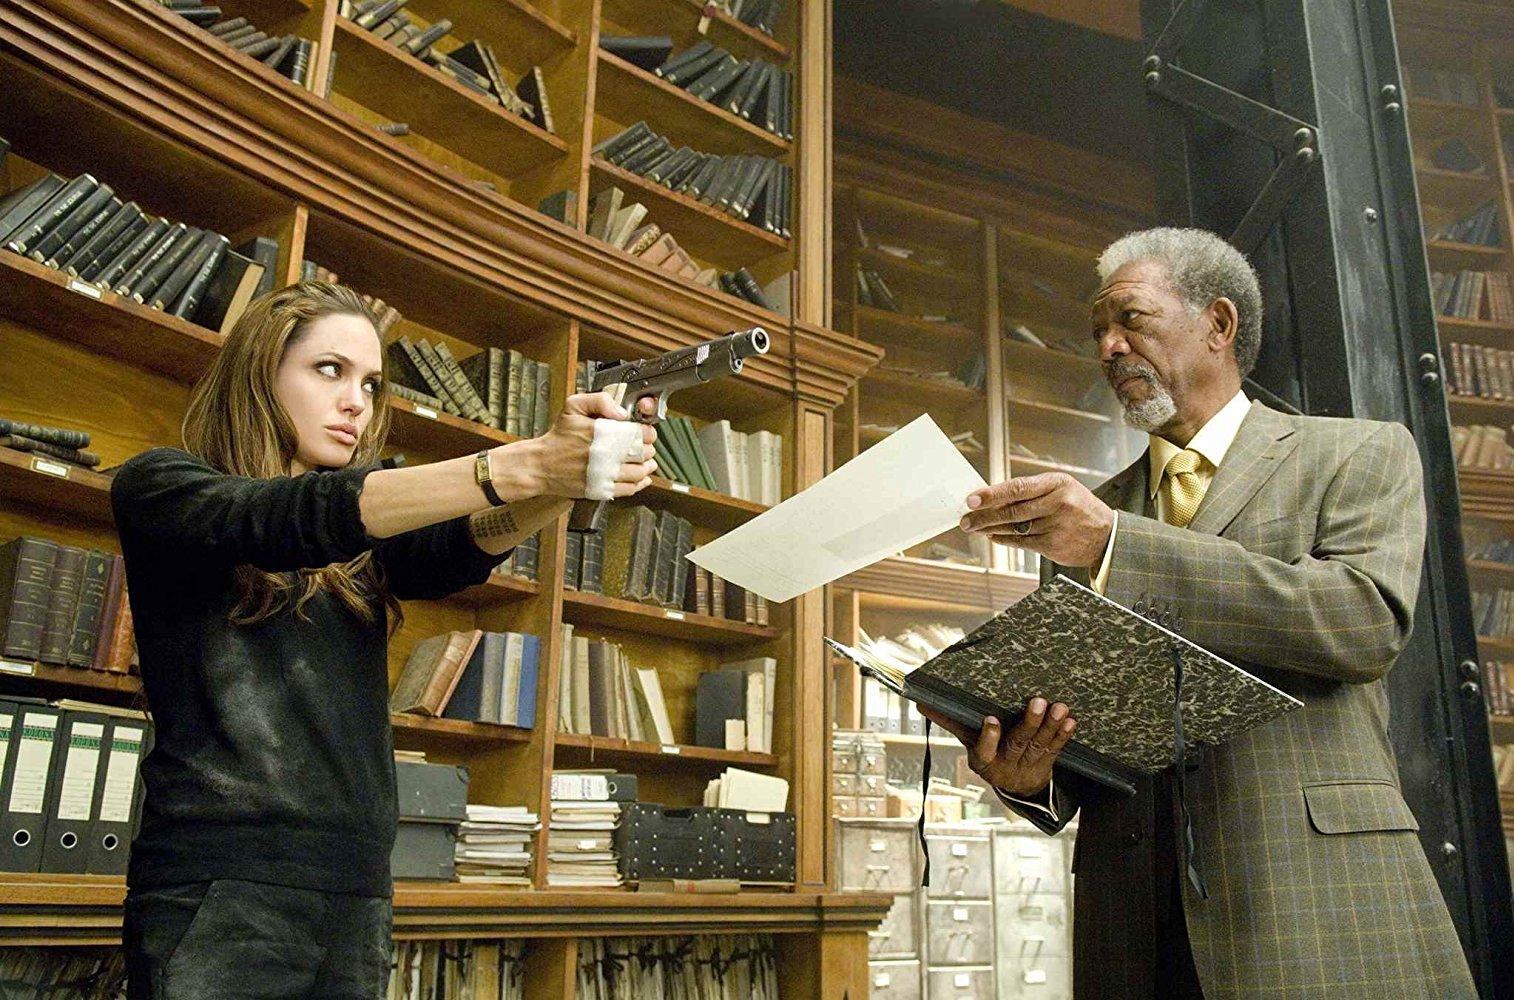 آنجلینا جولی و مورگان فریمن در نمایی از فیلم تحت تعقیب